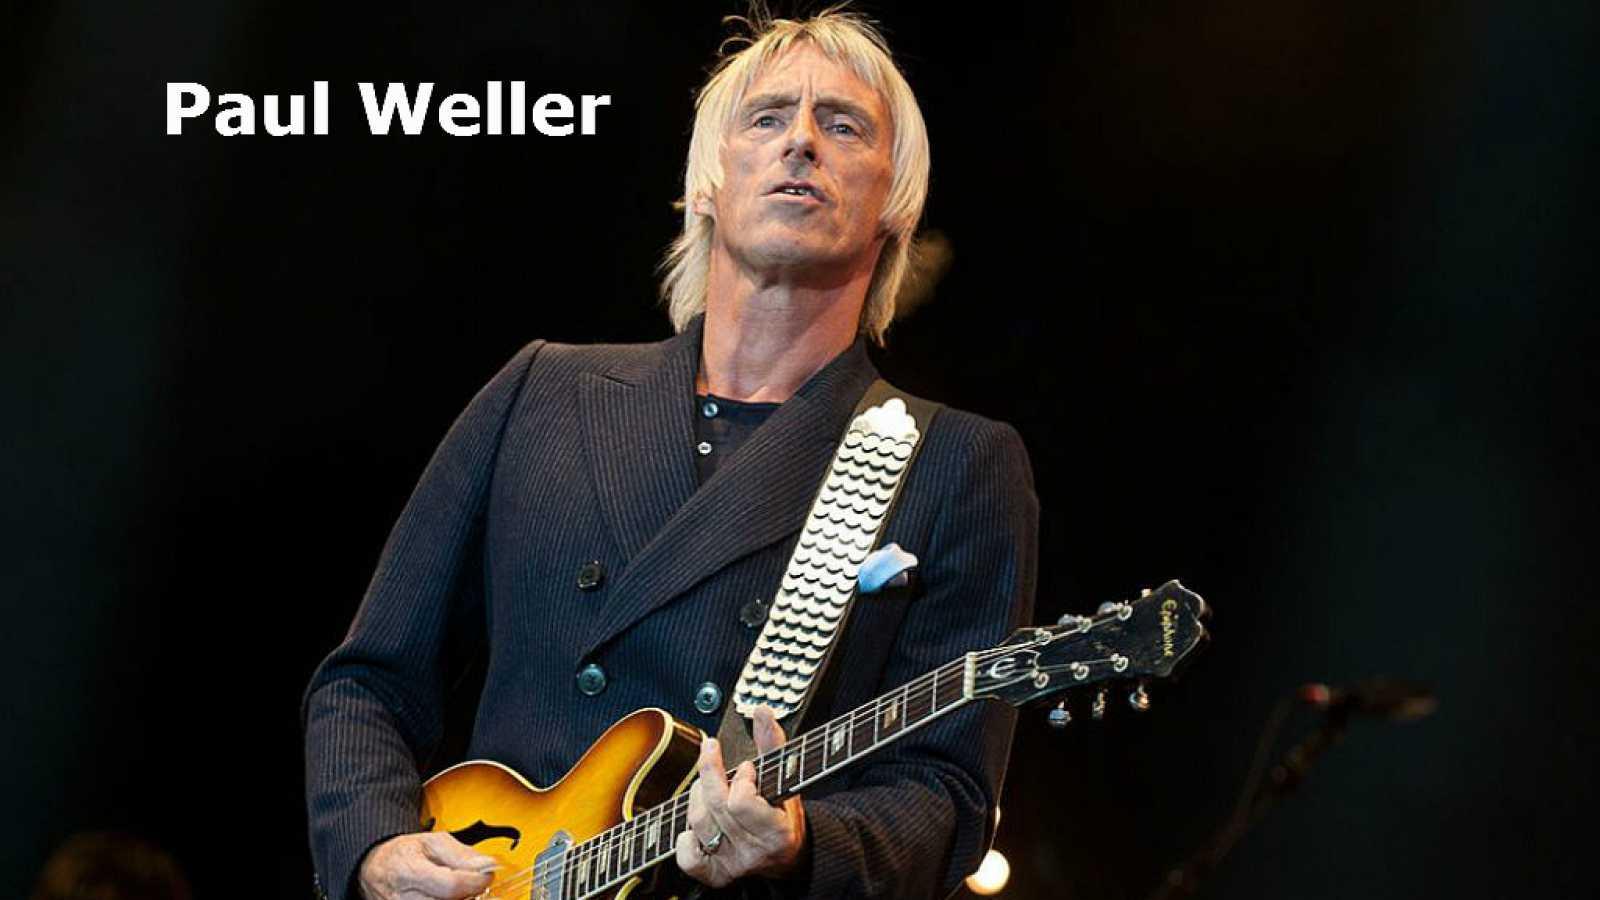 Próxima parada - Reedición: Paul Weller & Marc Ribot e Interpol - 02/08/20 - escuchar ahora